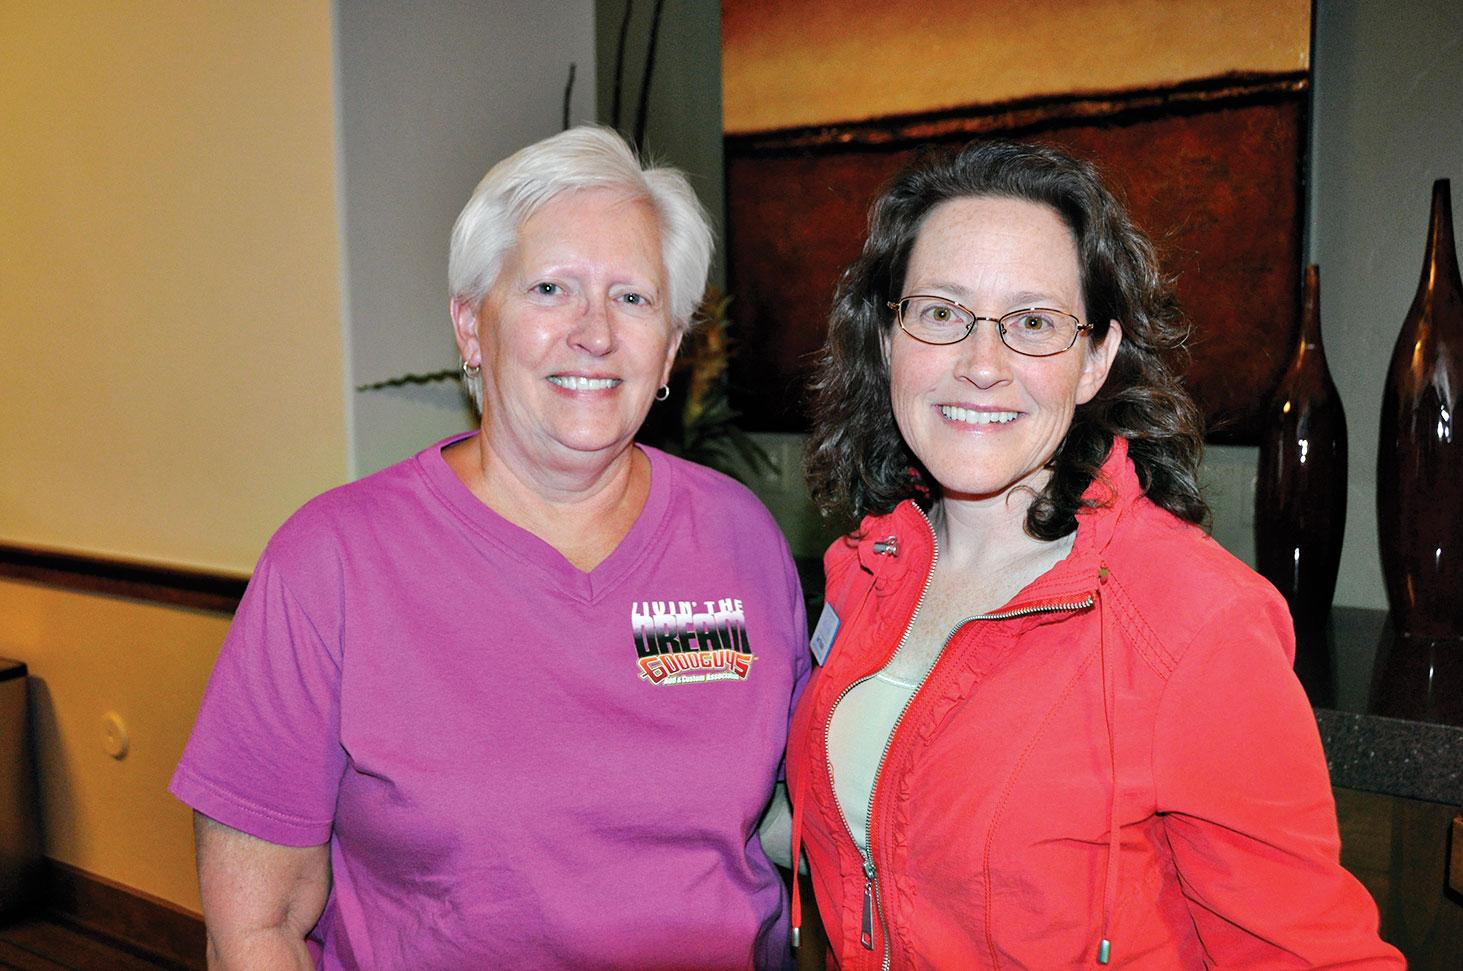 WNPA drawing winner Connie Calderon and Amy Reichgott